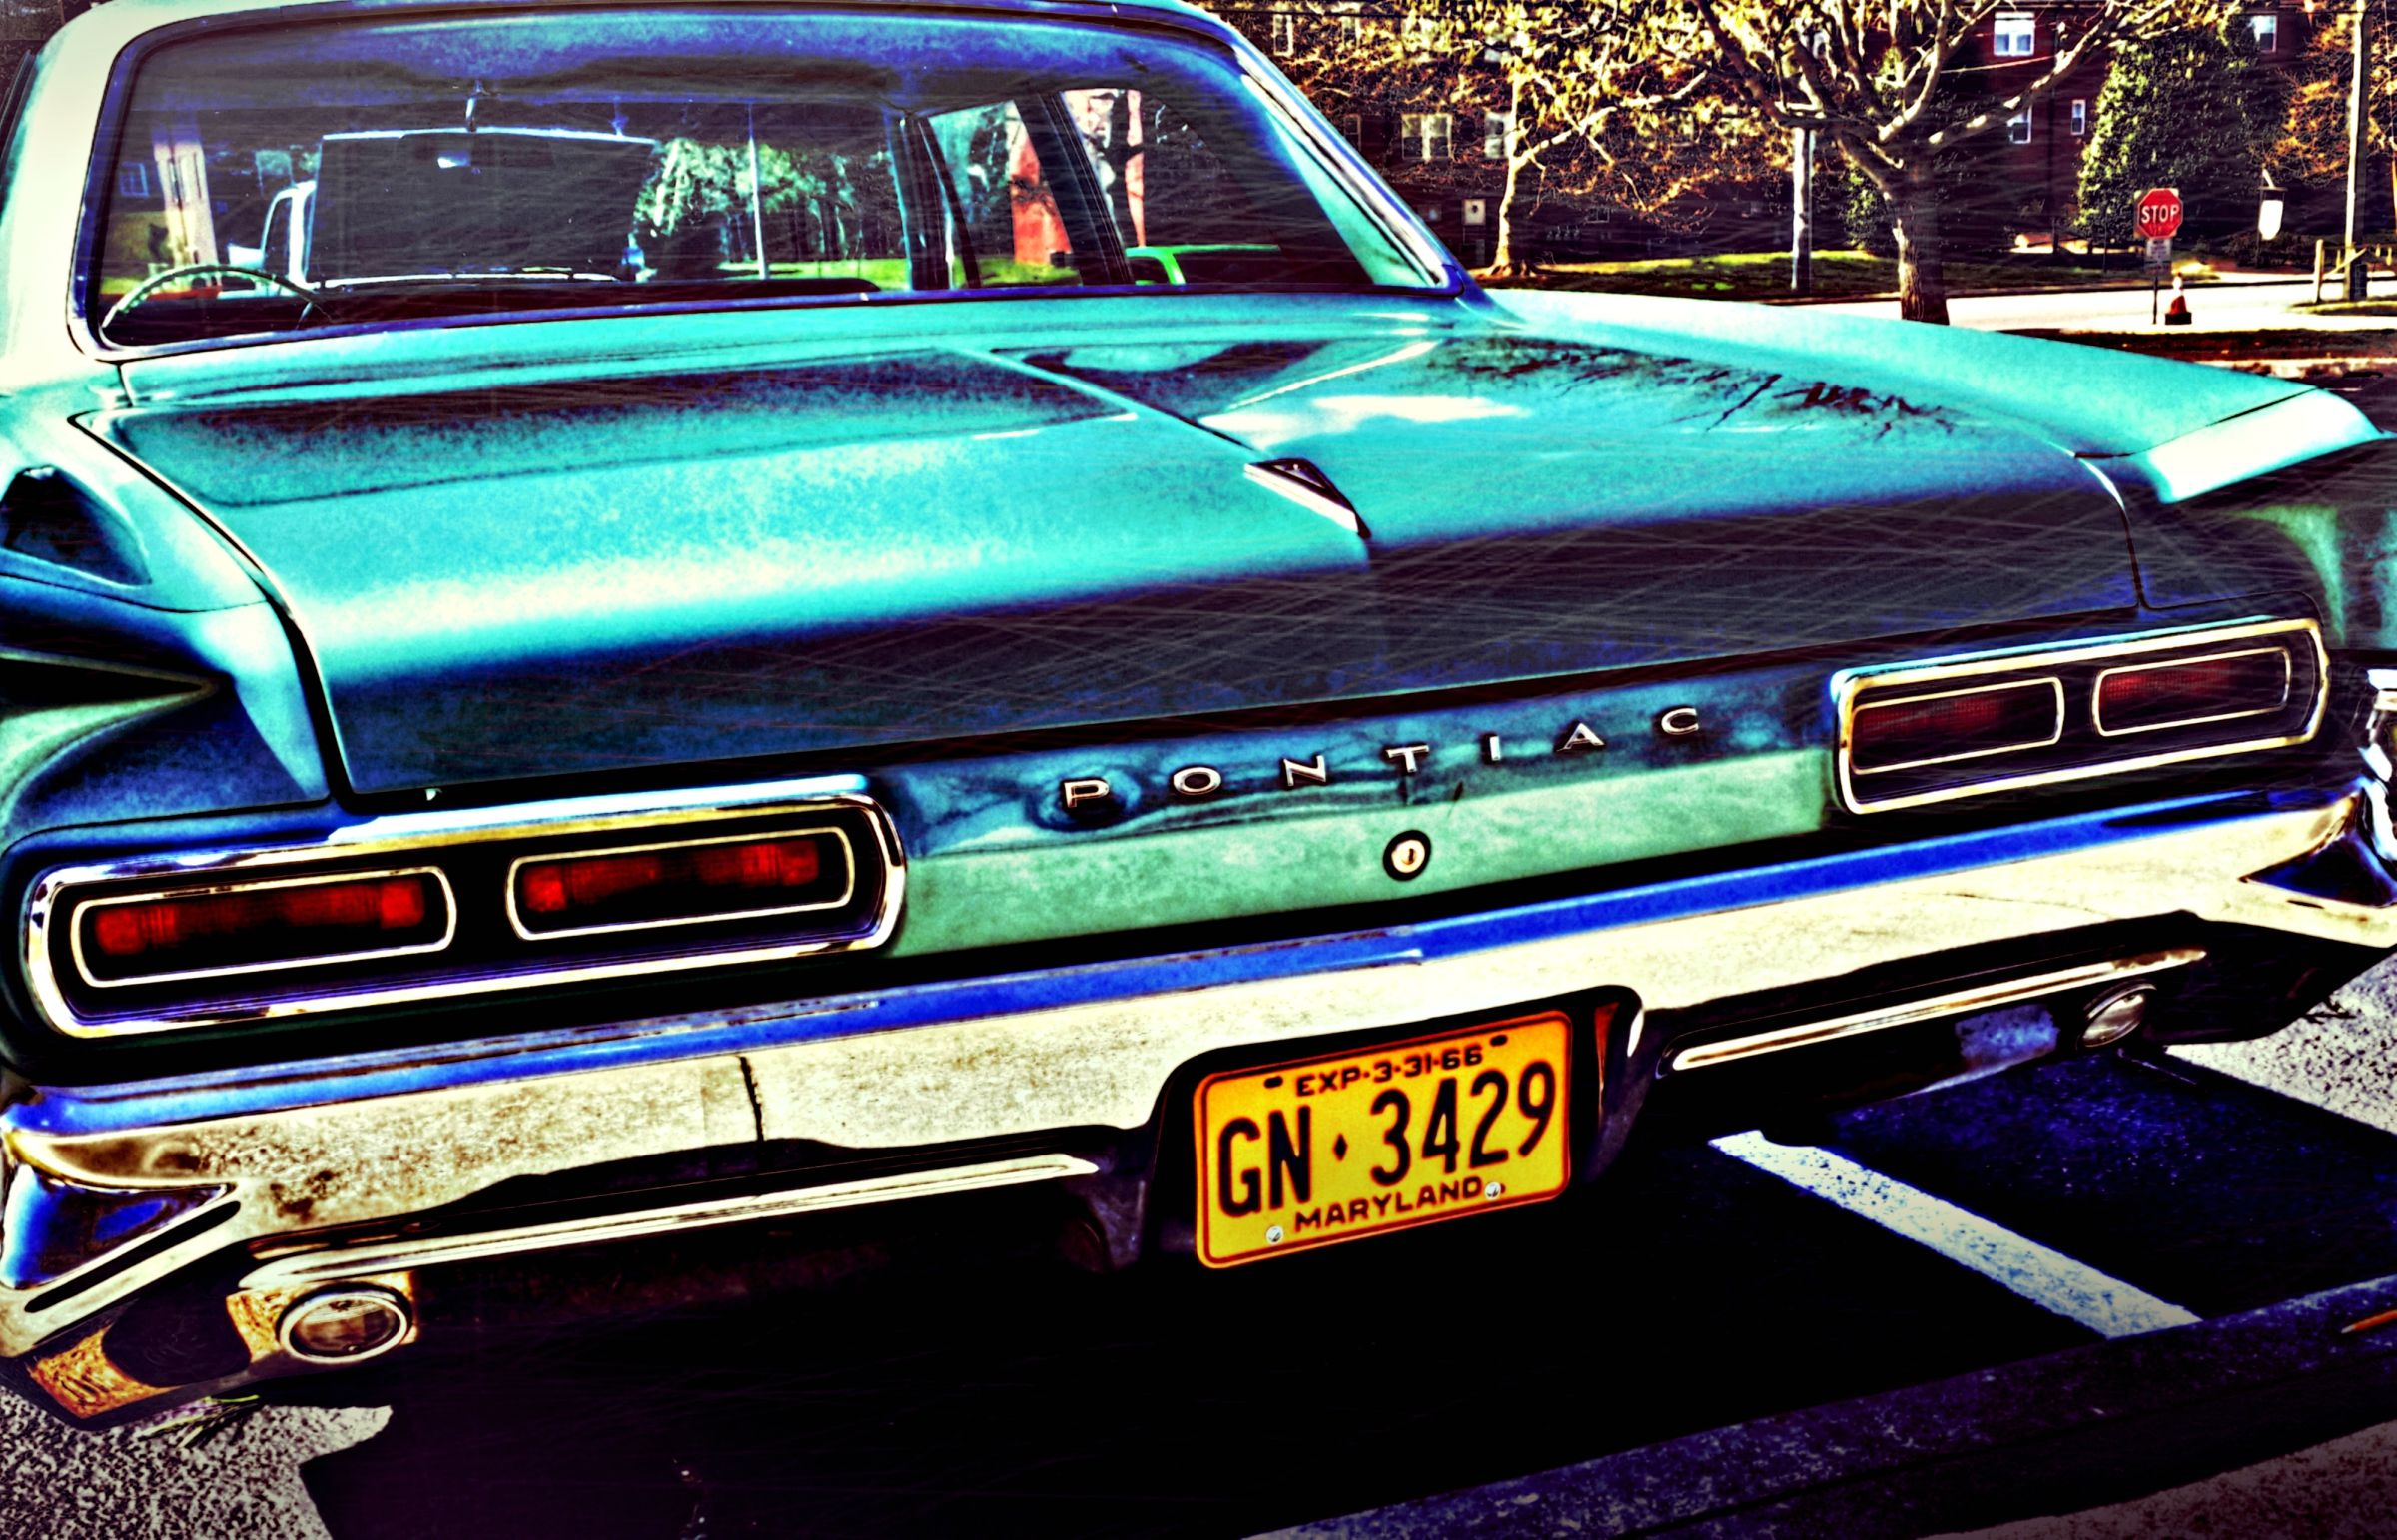 Pontiac Catalina | Muscle Cars | Pinterest | Pontiac catalina and Cars